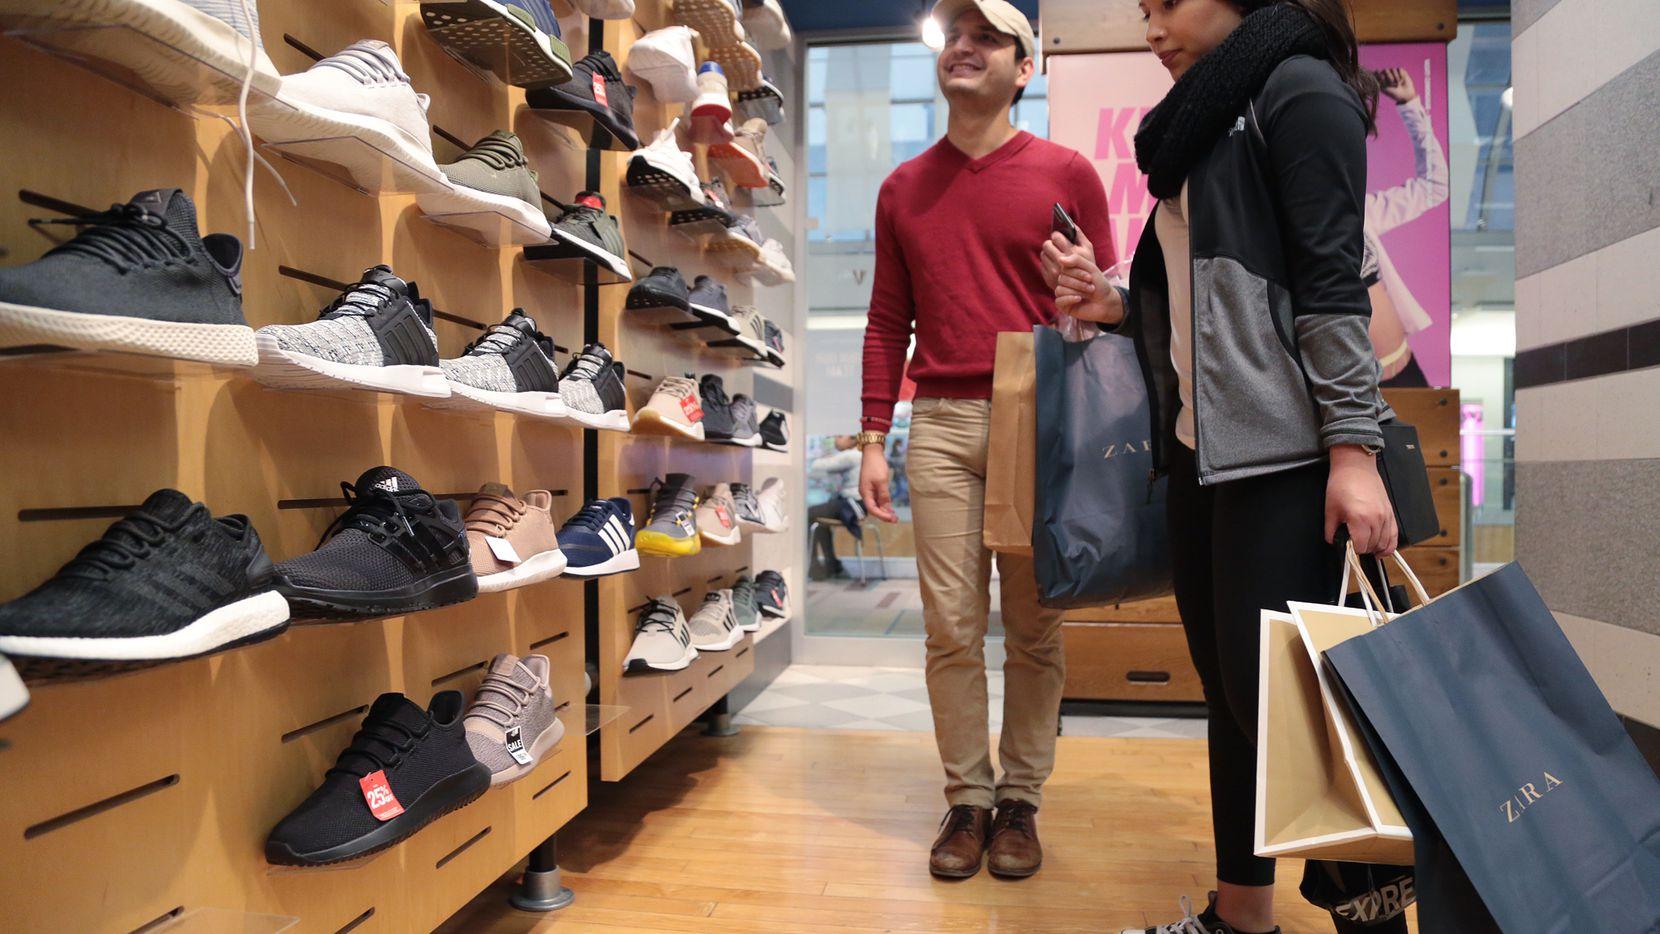 Mark Jiménez y Julie Aguilar compran zapatos en una tienda del Galleria Mall, el viernes por la tarde. MARIA OLIVAS/ ESPECIAL PARA AL DIA